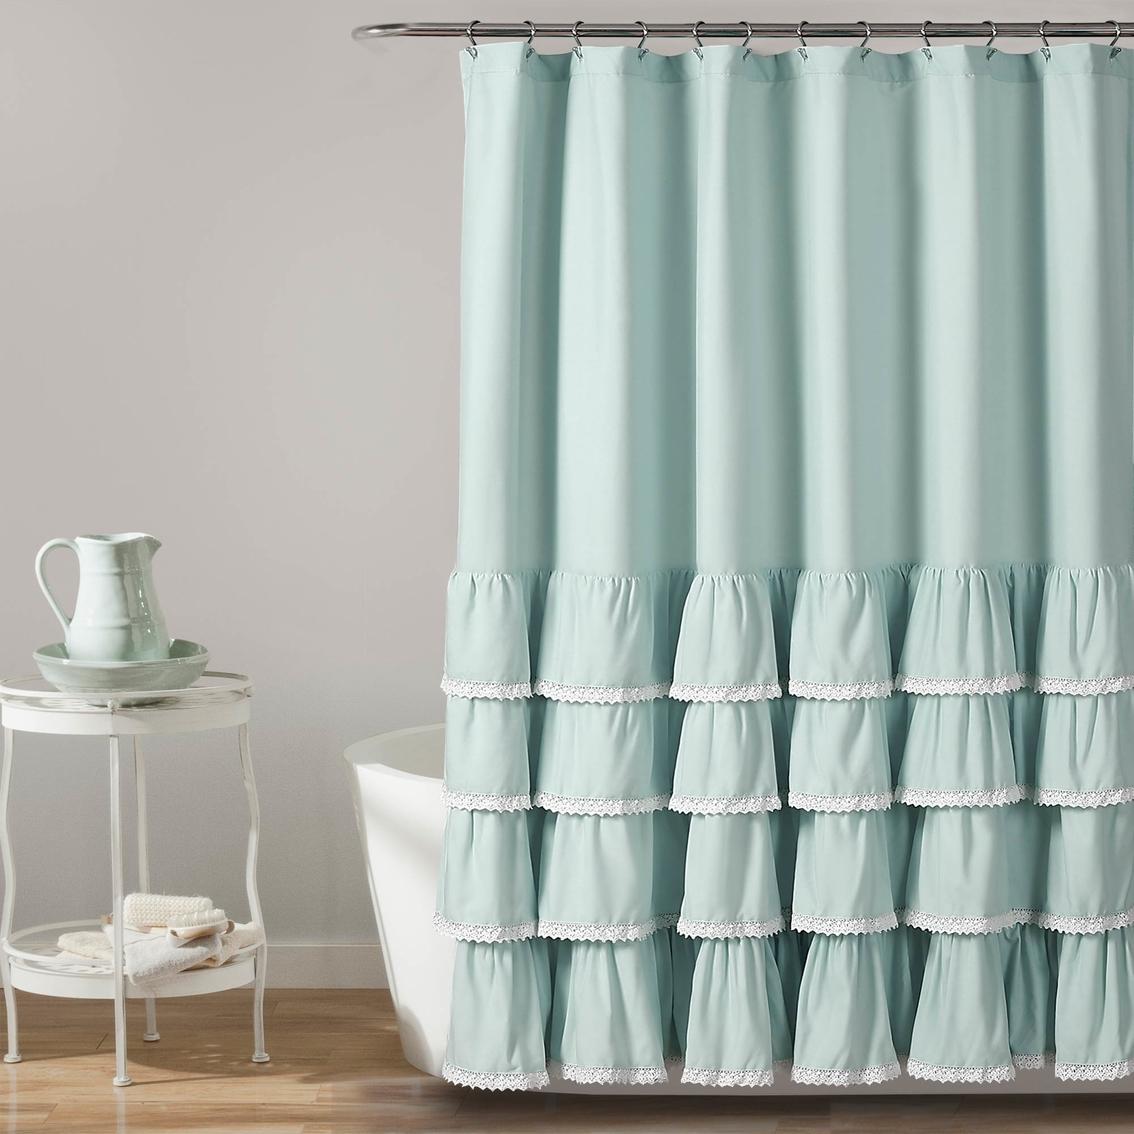 Lush Decor Ella Lace Ruffle 72 X In Single Shower Curtain